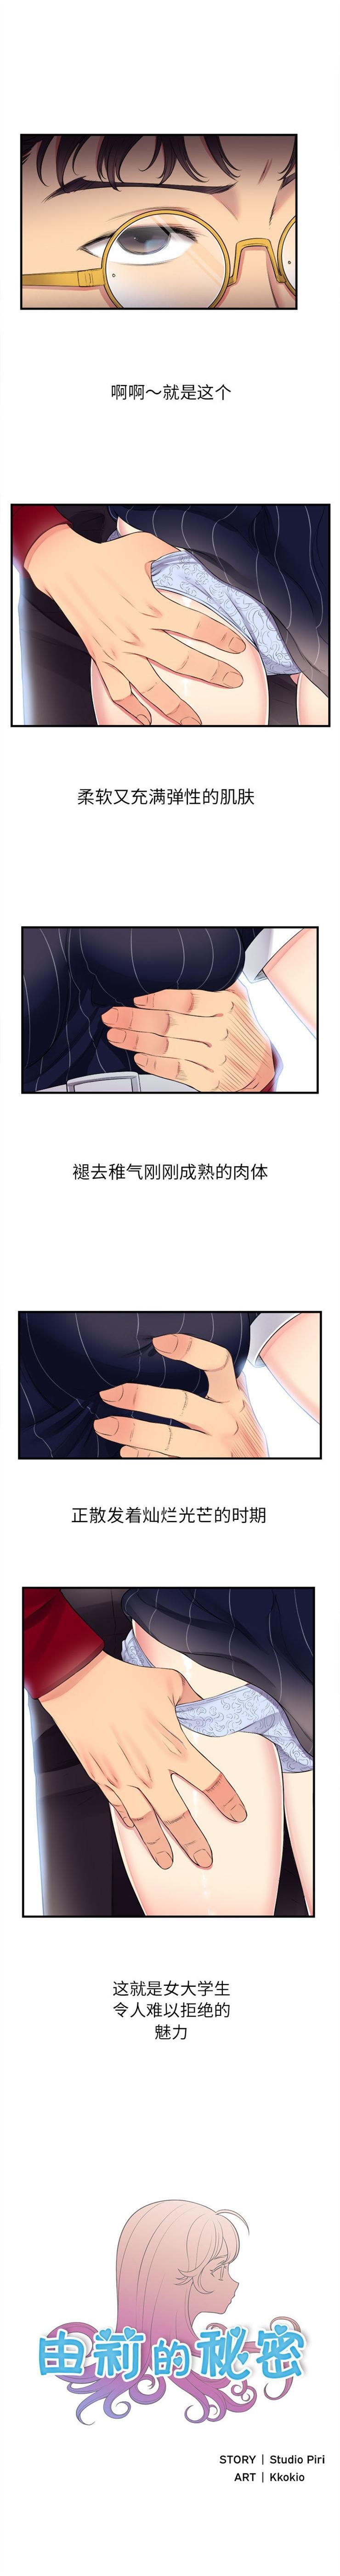 由莉的秘密1-60 中文翻译 (更新中) 28